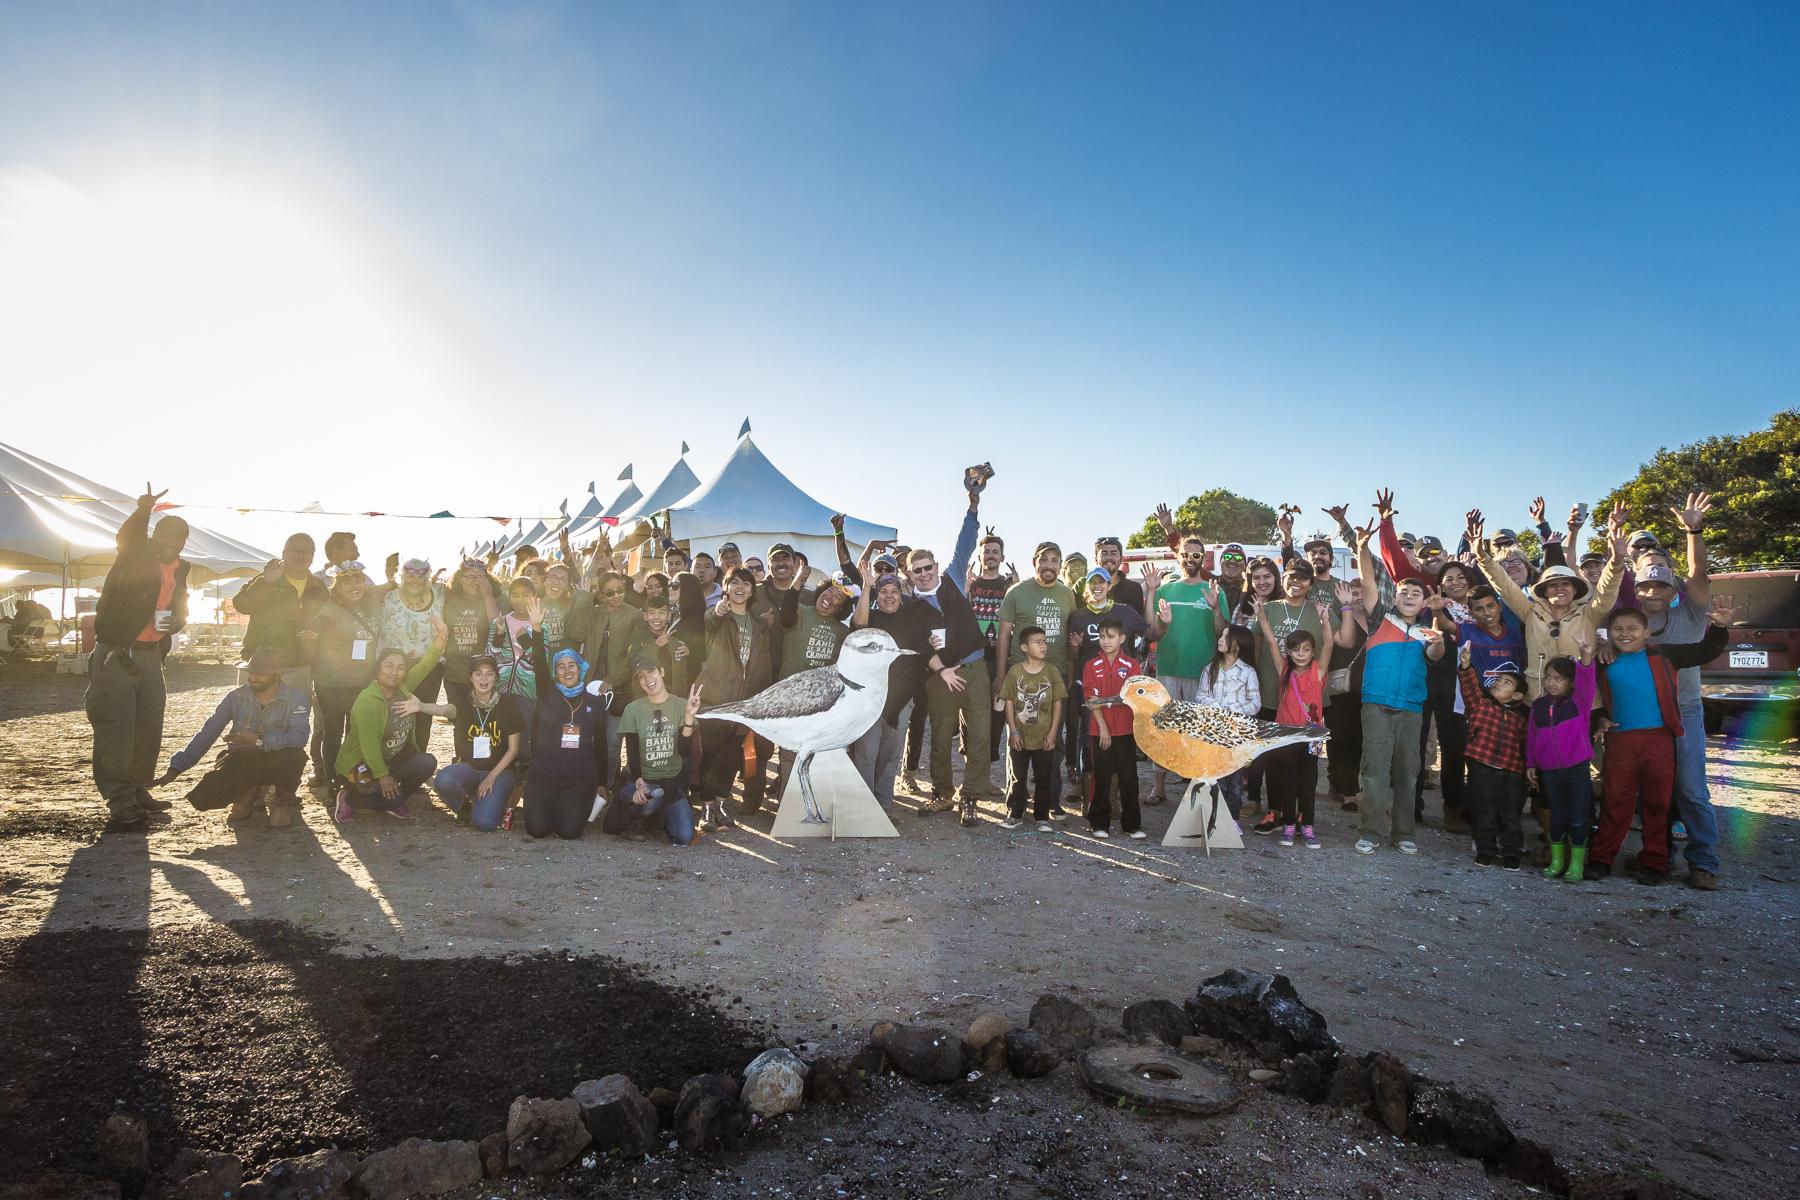 4to. Festival de las Aves Bahía de San Quintín